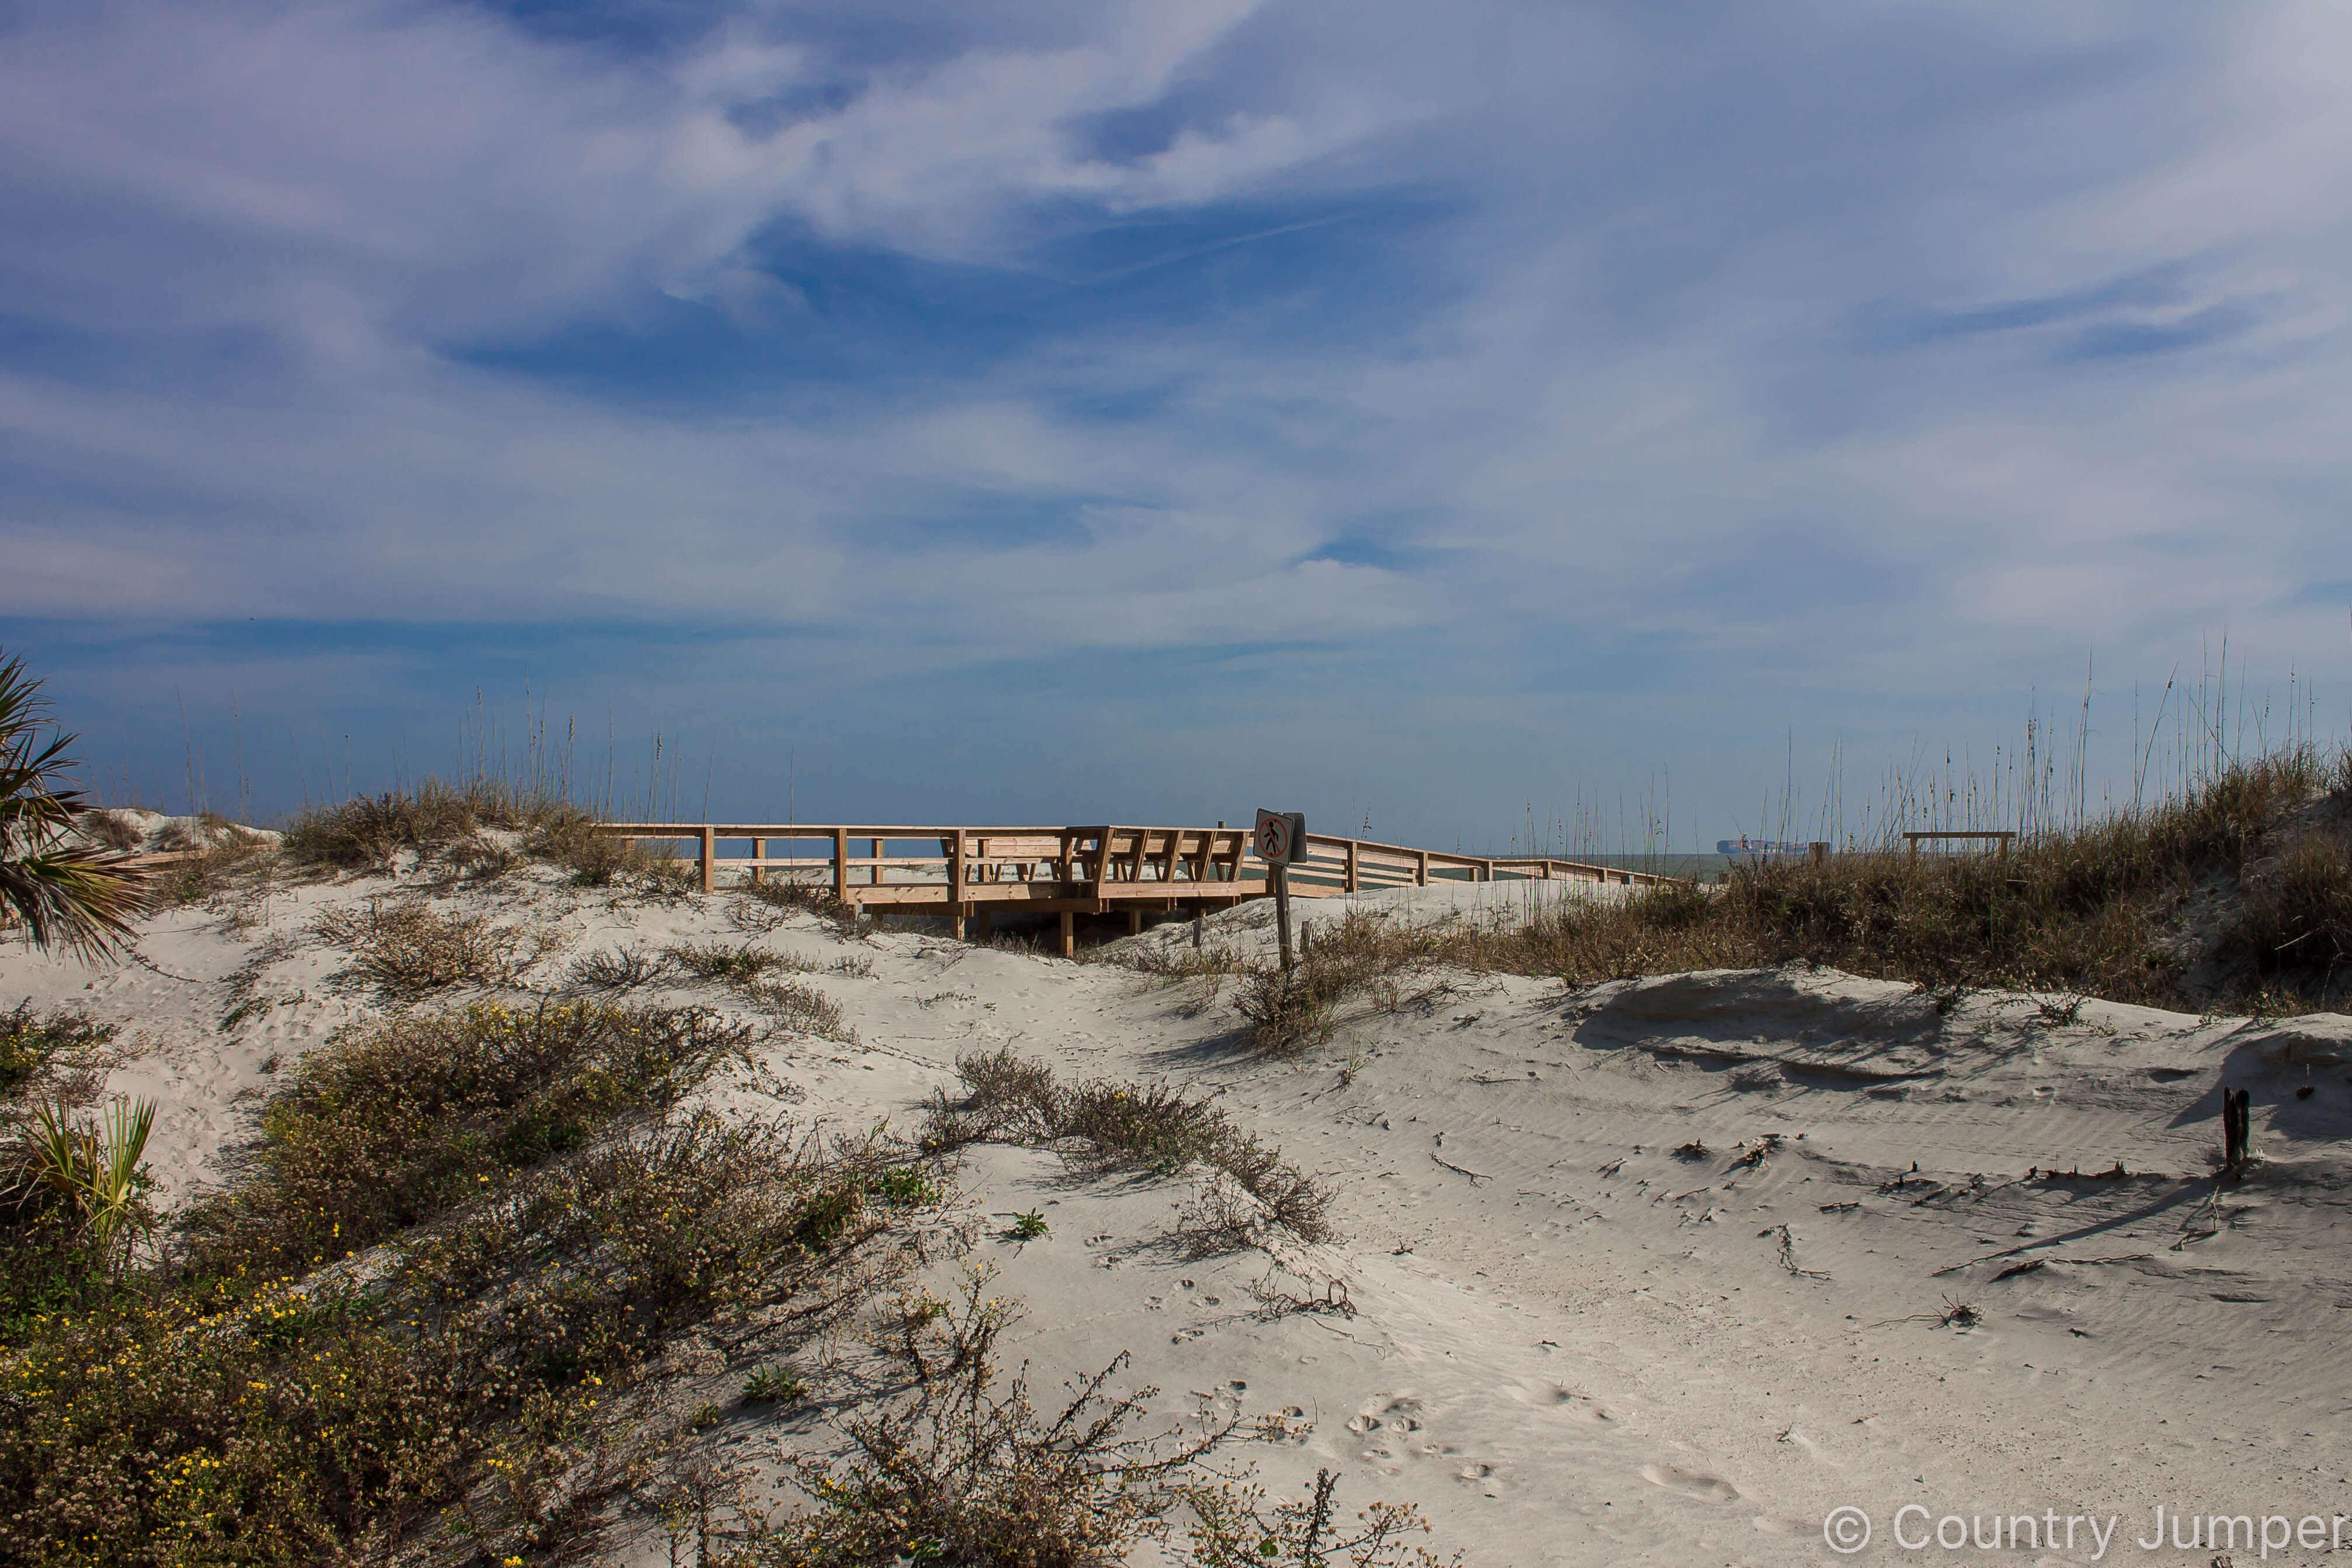 sandy dune underneath a blue sky